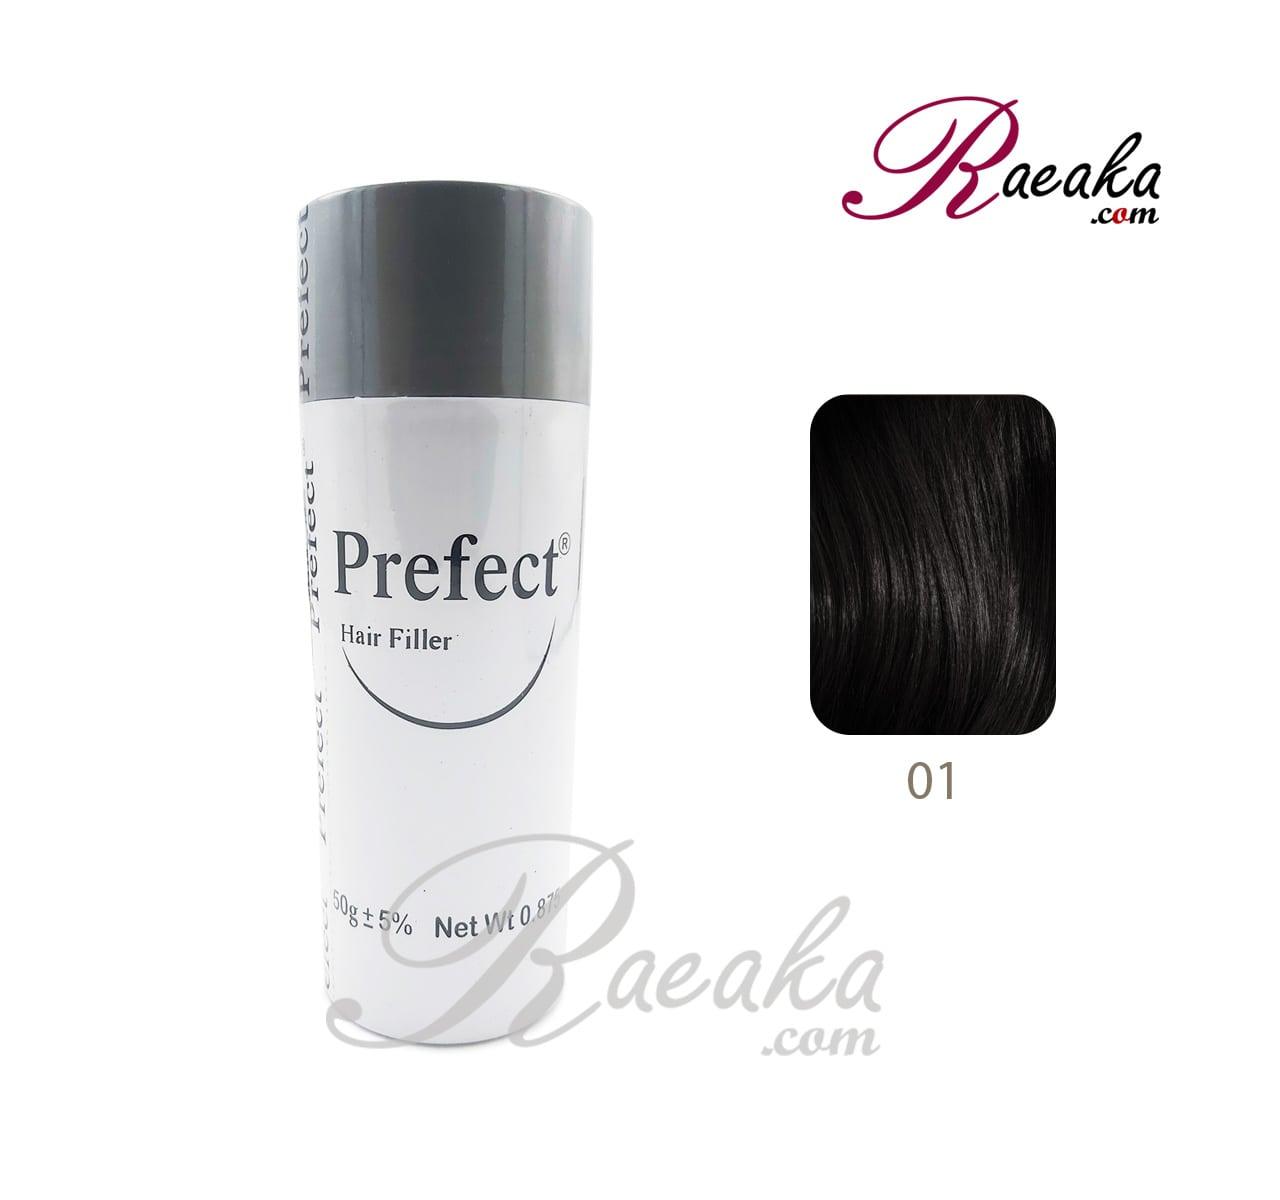 پودر پرپشت کننده مو پرفکت کد 01 - مشکی تیره (Noir Black) وزن خالص 50 گرم